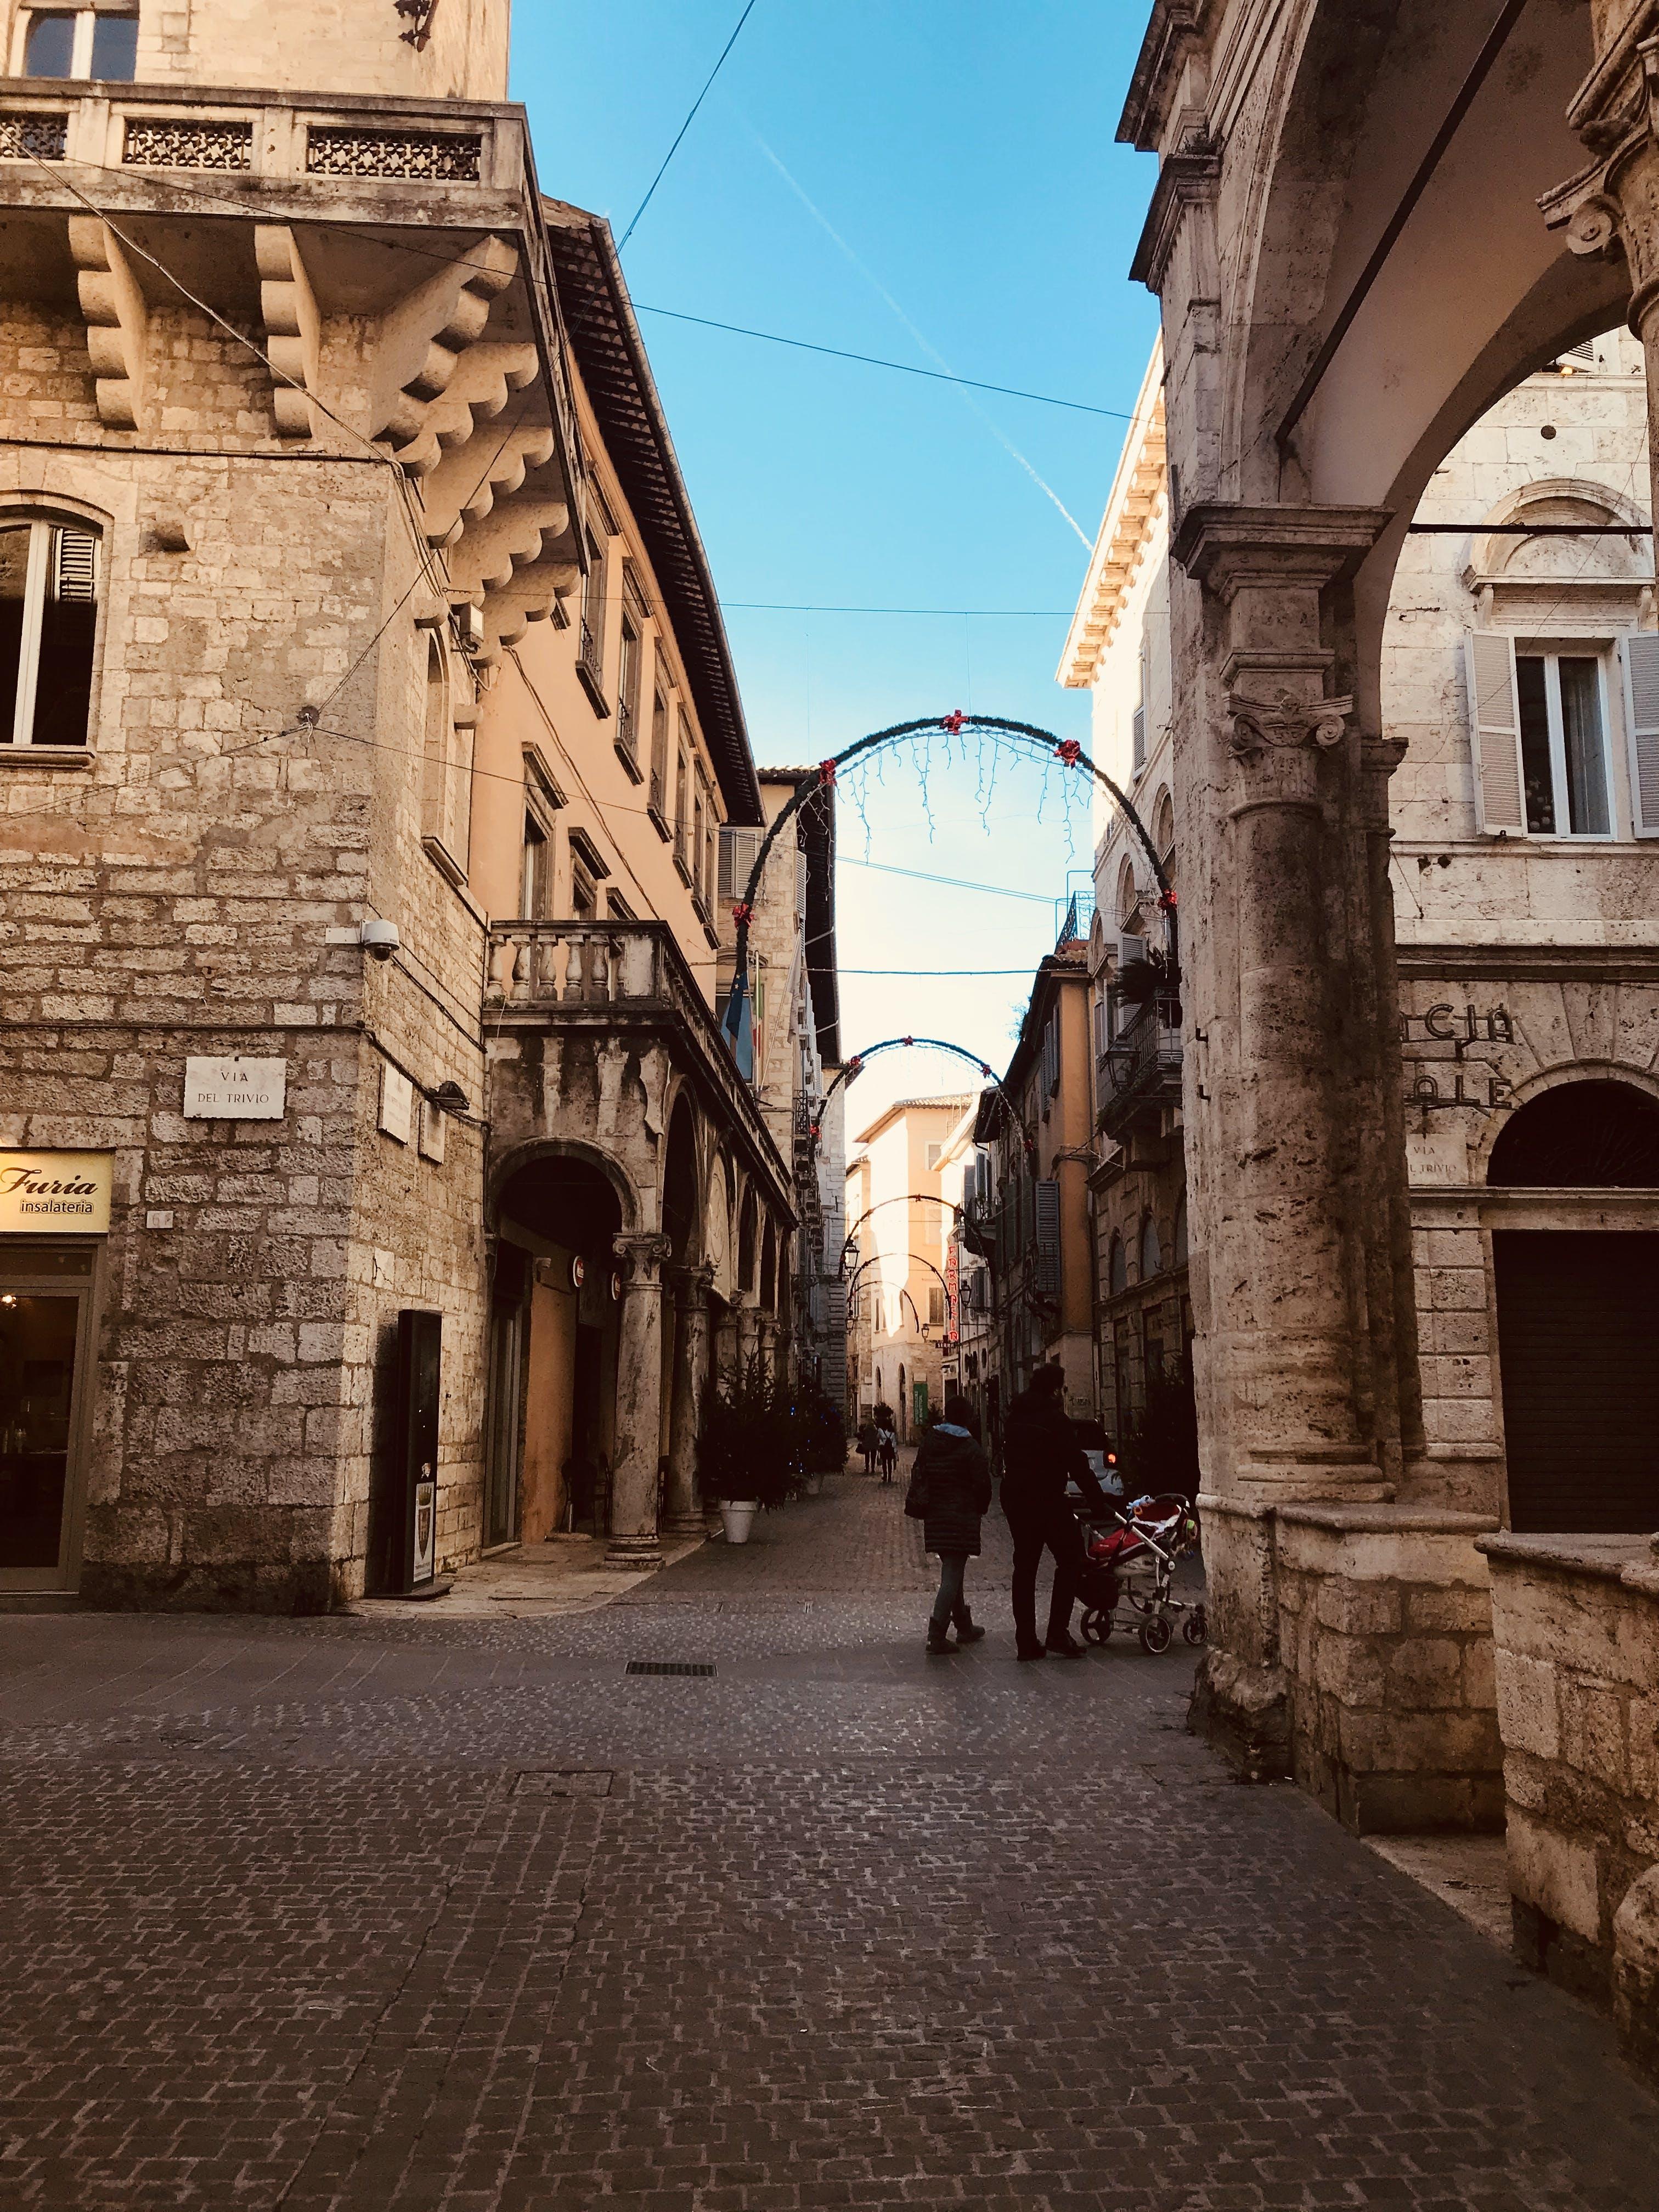 Безкоштовне стокове фото на тему «Італія, архітектура, брущатий камінь, Будівля»